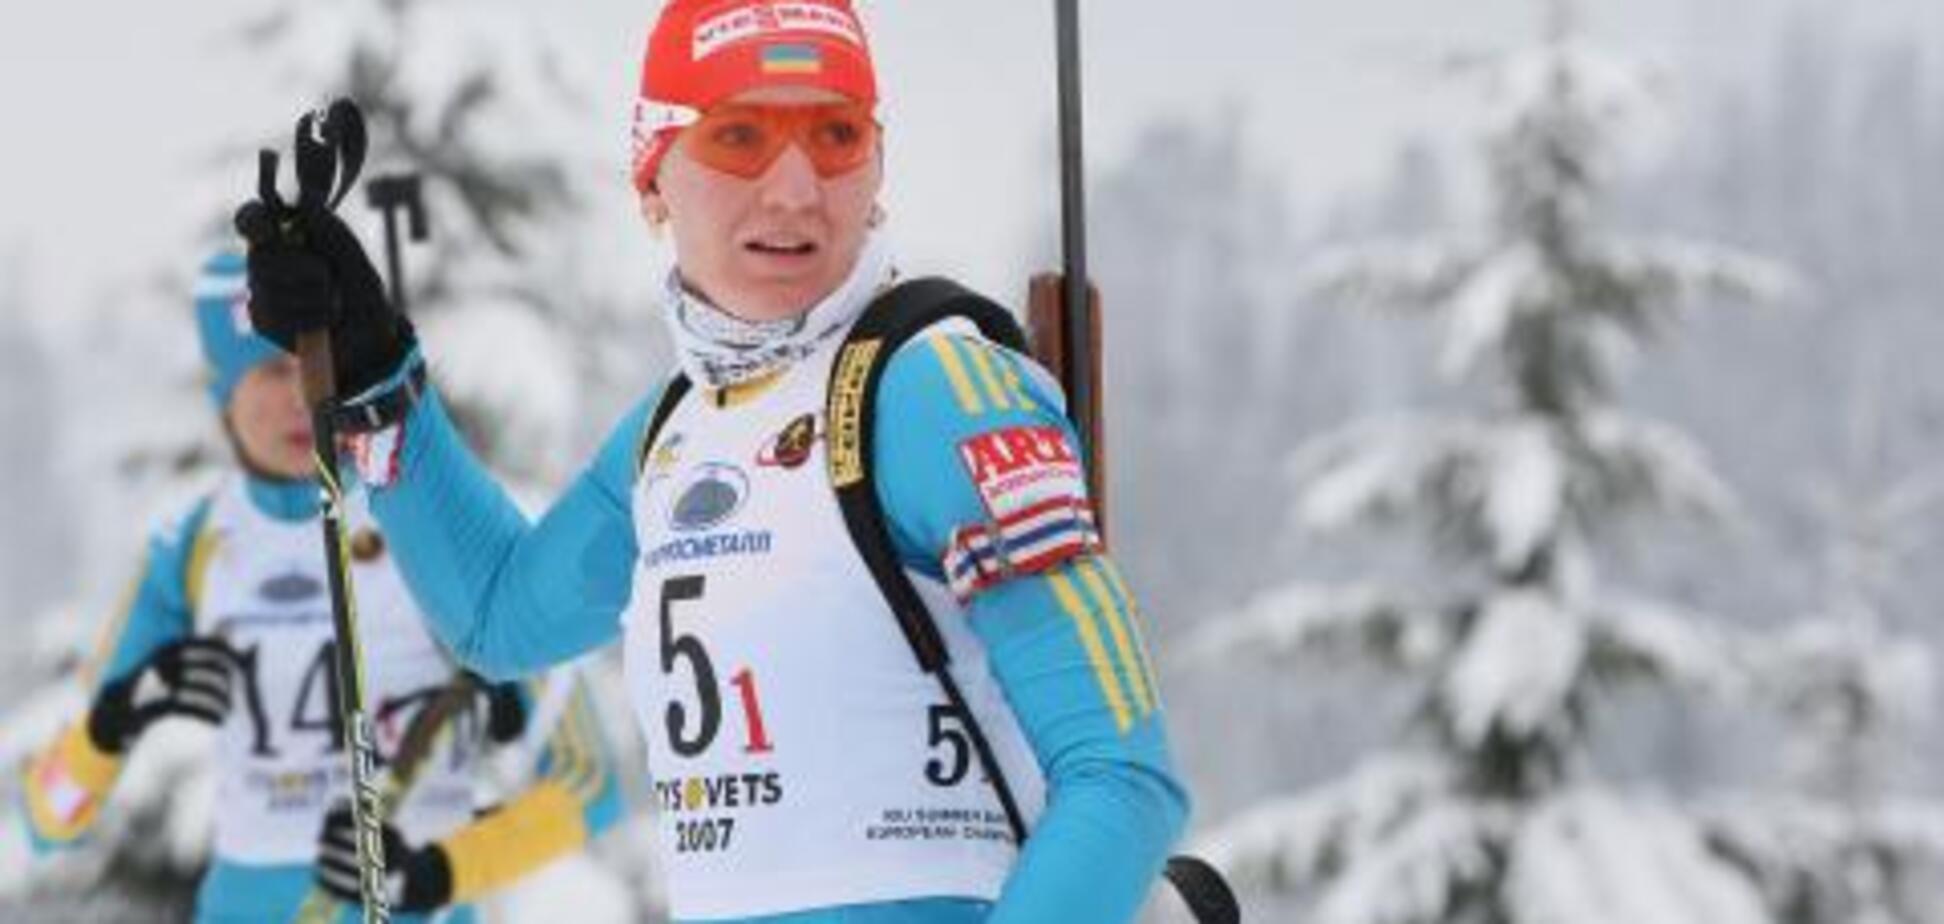 Женский спринт на Кубке мира по биатлону завершился печально для Украины